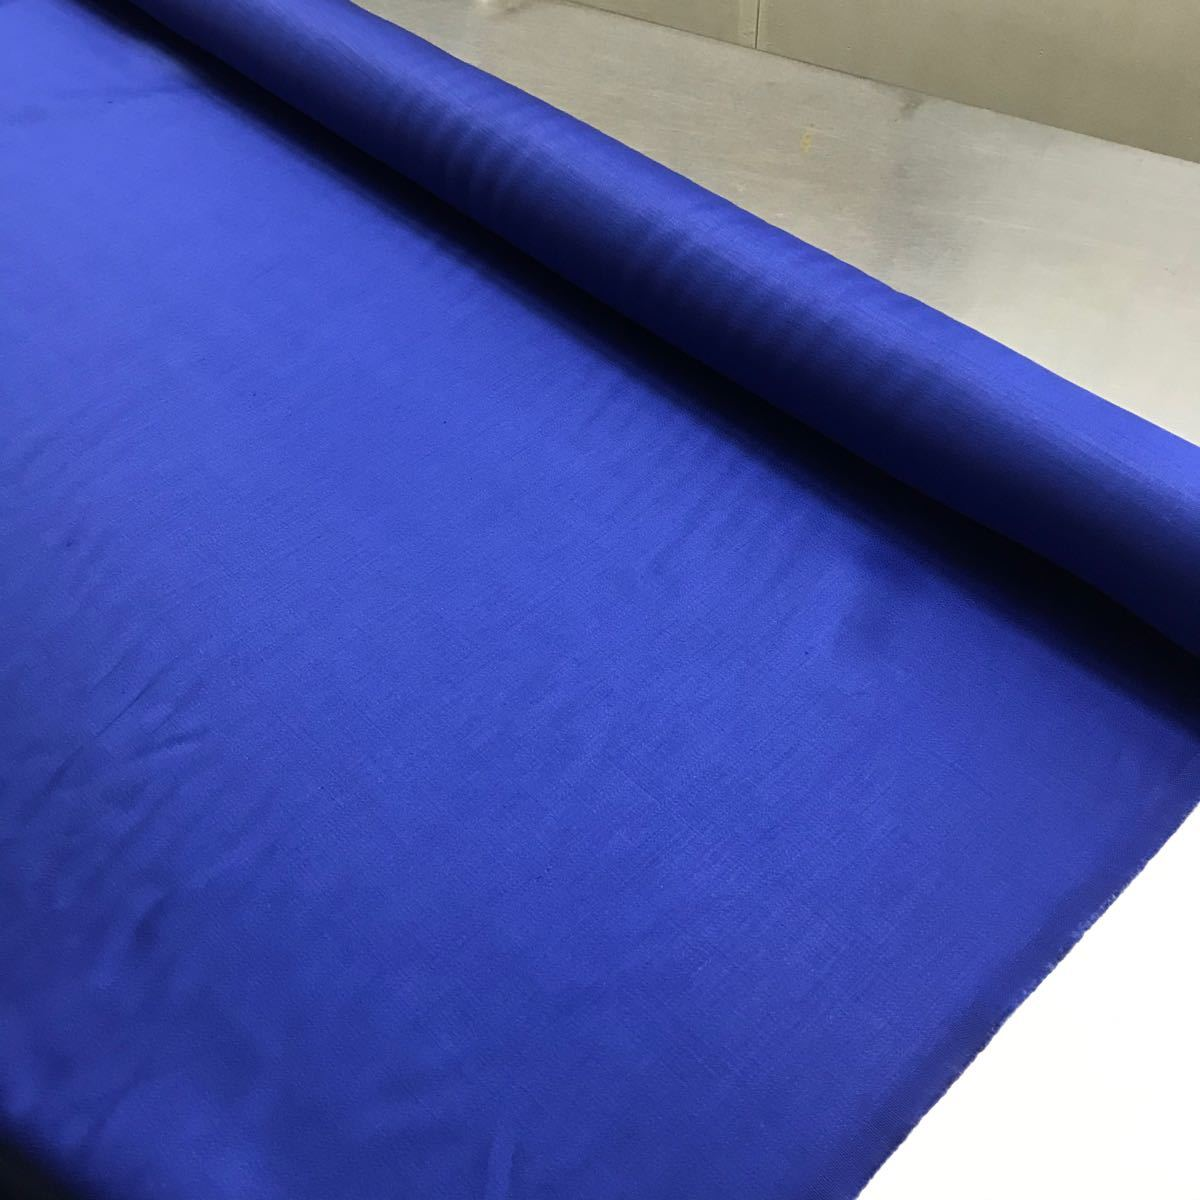 リネン生地 無地 112cm巾×1m 麻サテン 繻子織 ブルー